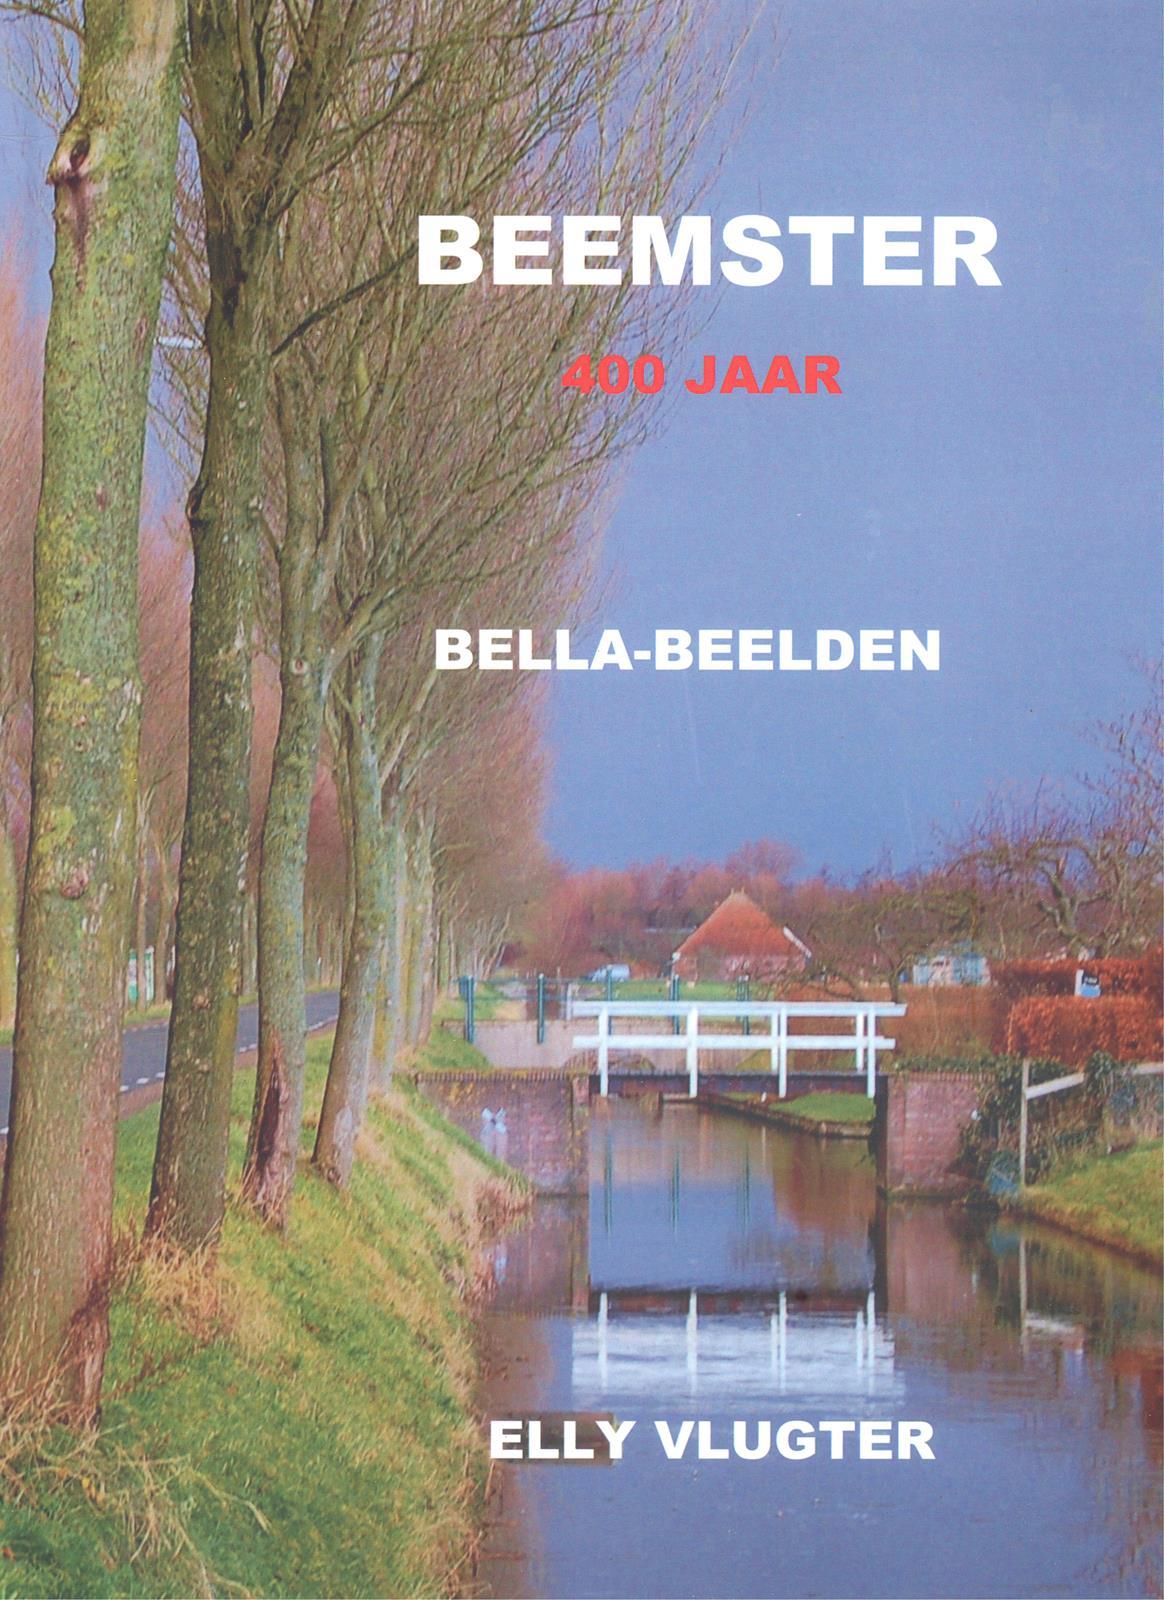 Beemster 400 jaar